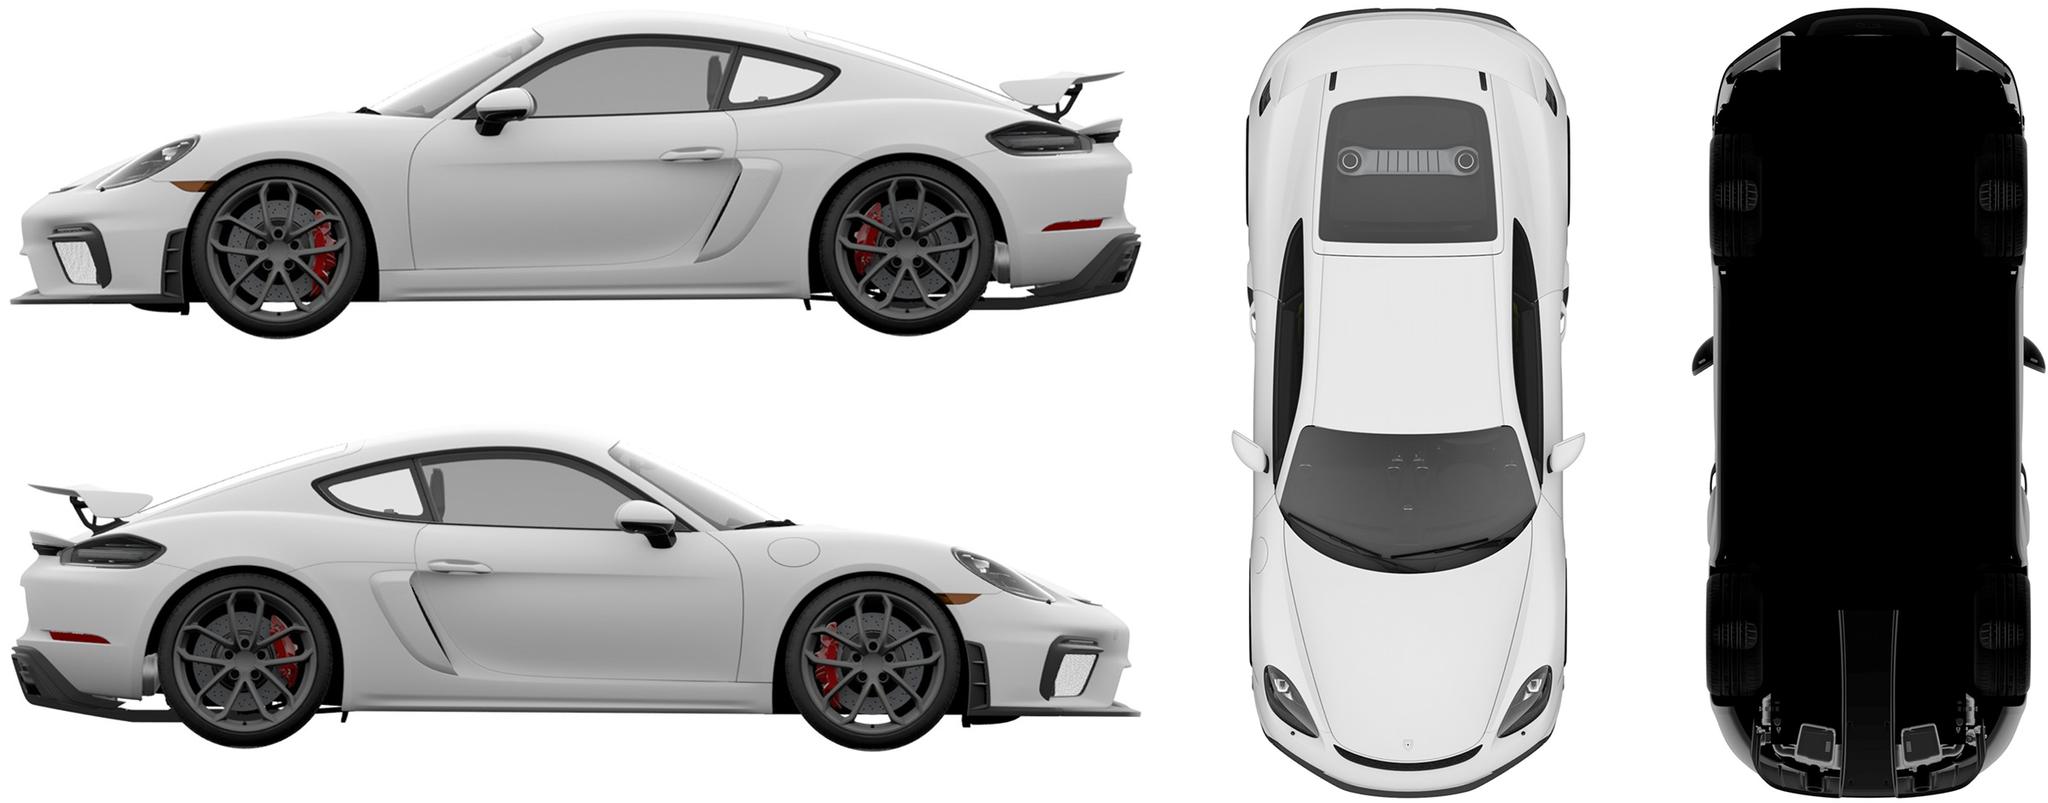 保时捷718 Cayman GT4国内外观专利图曝光,最大马力提升至420匹